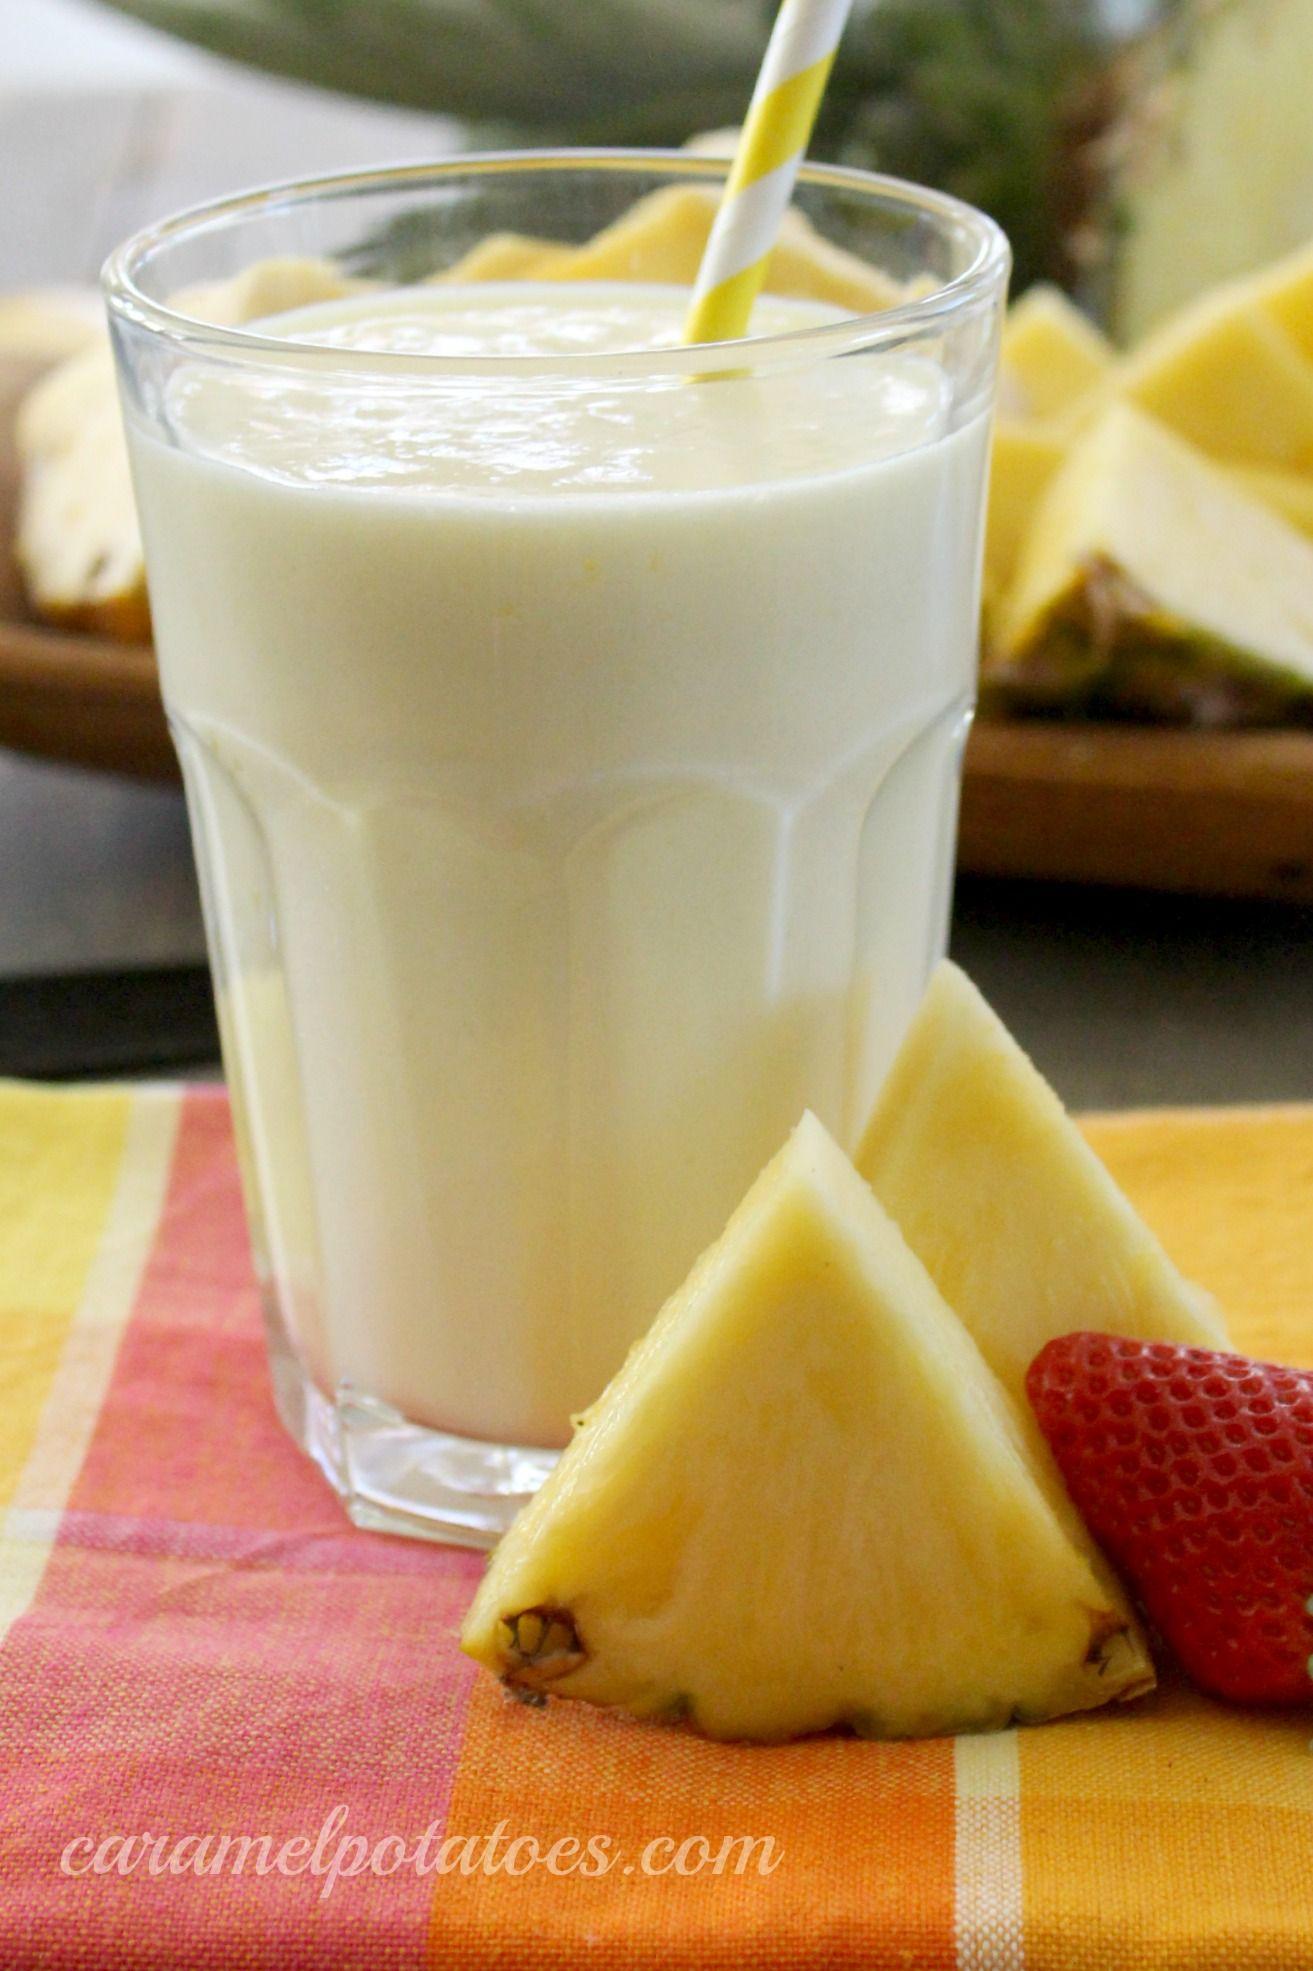 Pineapple Smoothie - 2 ingredient fast and loaded with vitamins and minerals! 1 taza baja en grasa o sin grasa yogur de vainilla  1 taza de trozos de piña fresca  6 cubos de hielo  Mezcle hasta suavización disfrutar! receta de Prevención